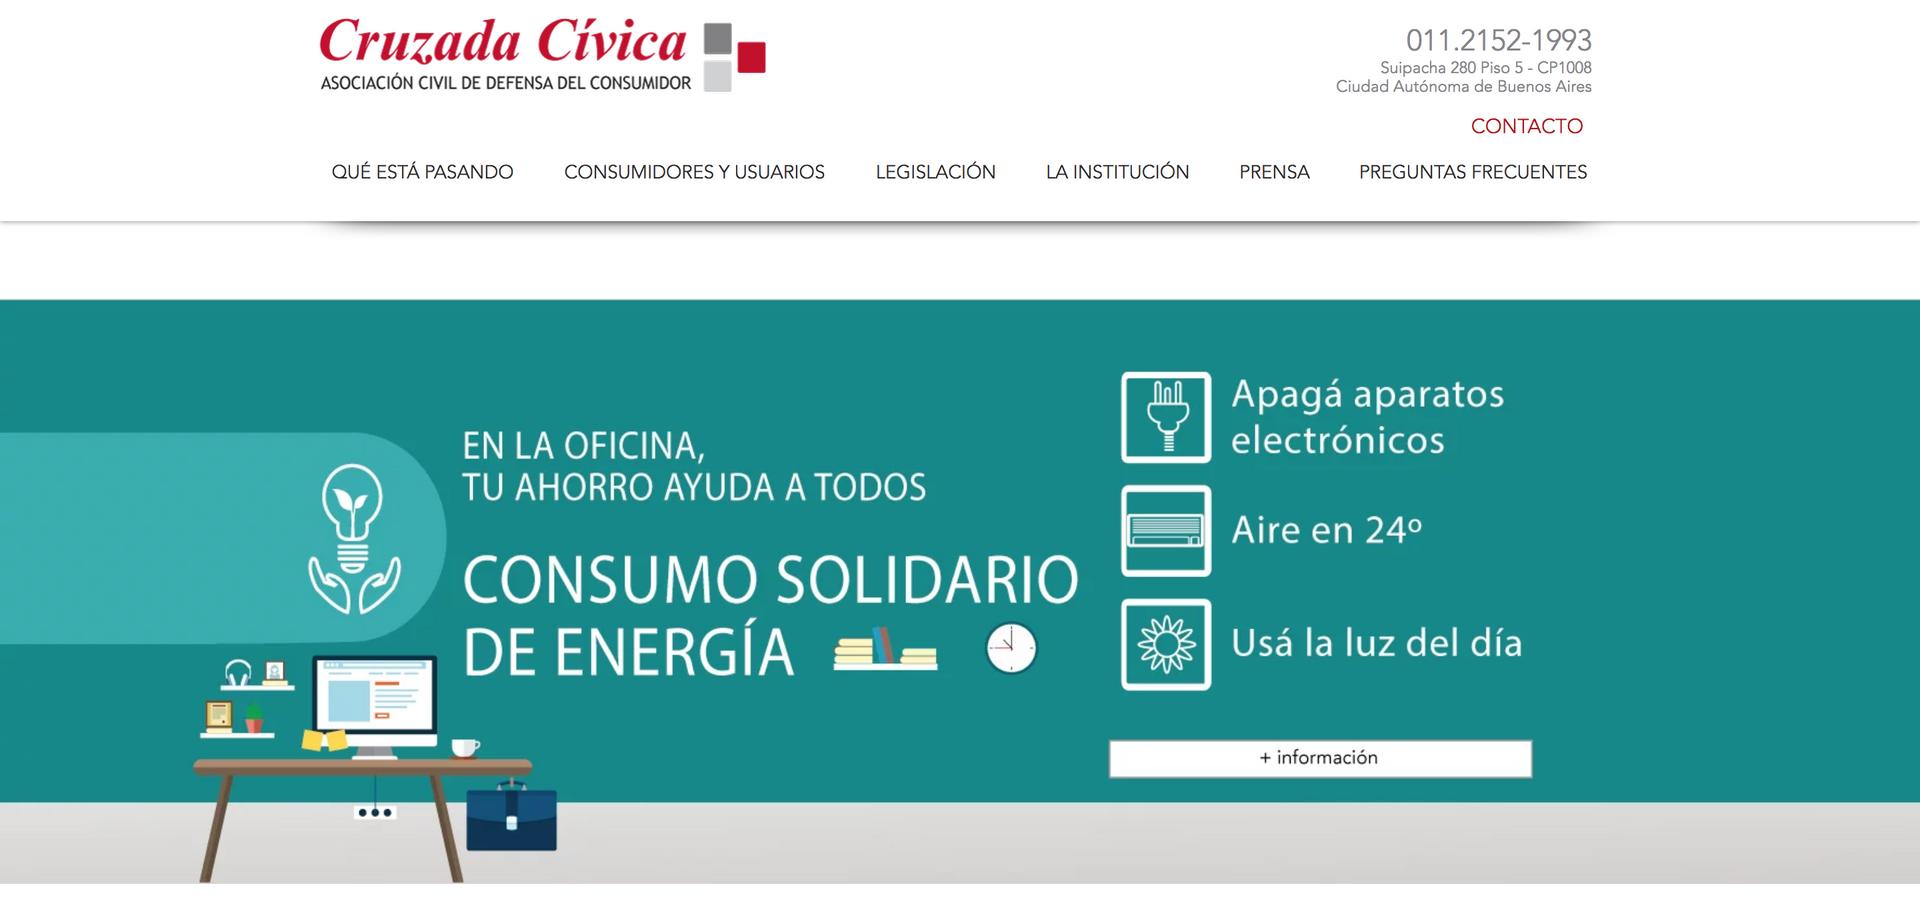 Cruzada Cívica, defensa del consumidor - Sitio